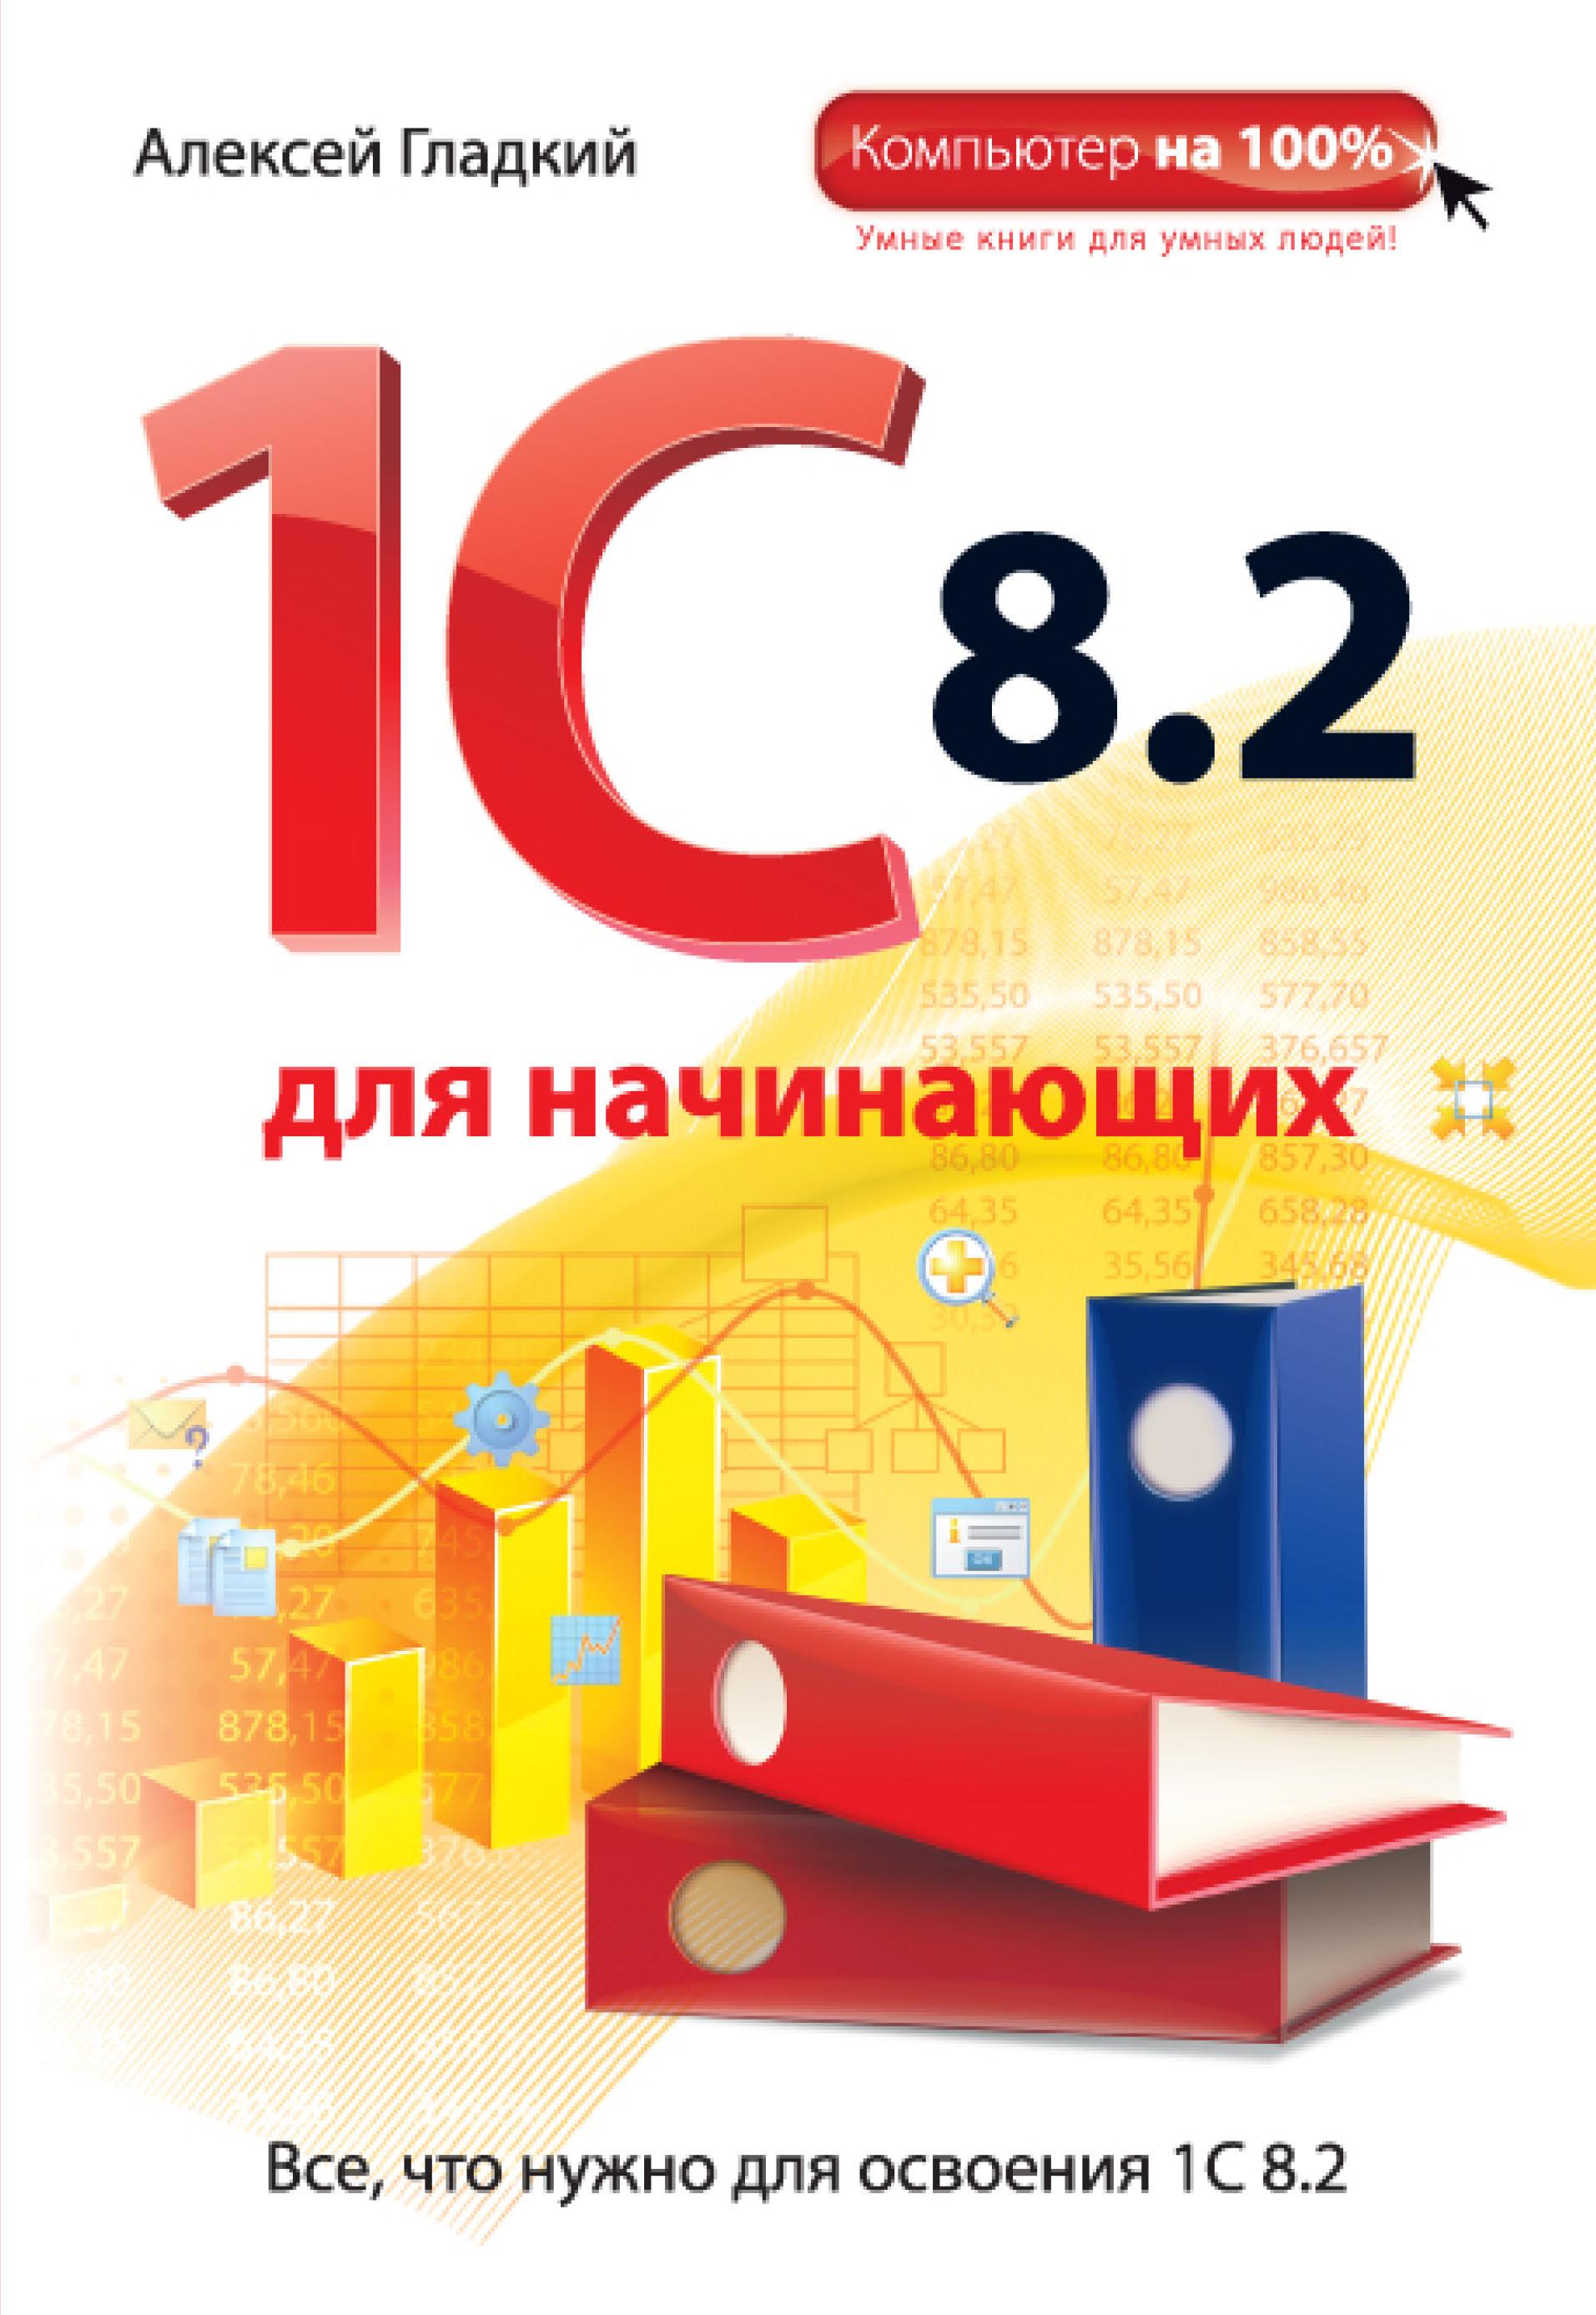 Алексей Гладкий 1С 8.2 для начинающих цена